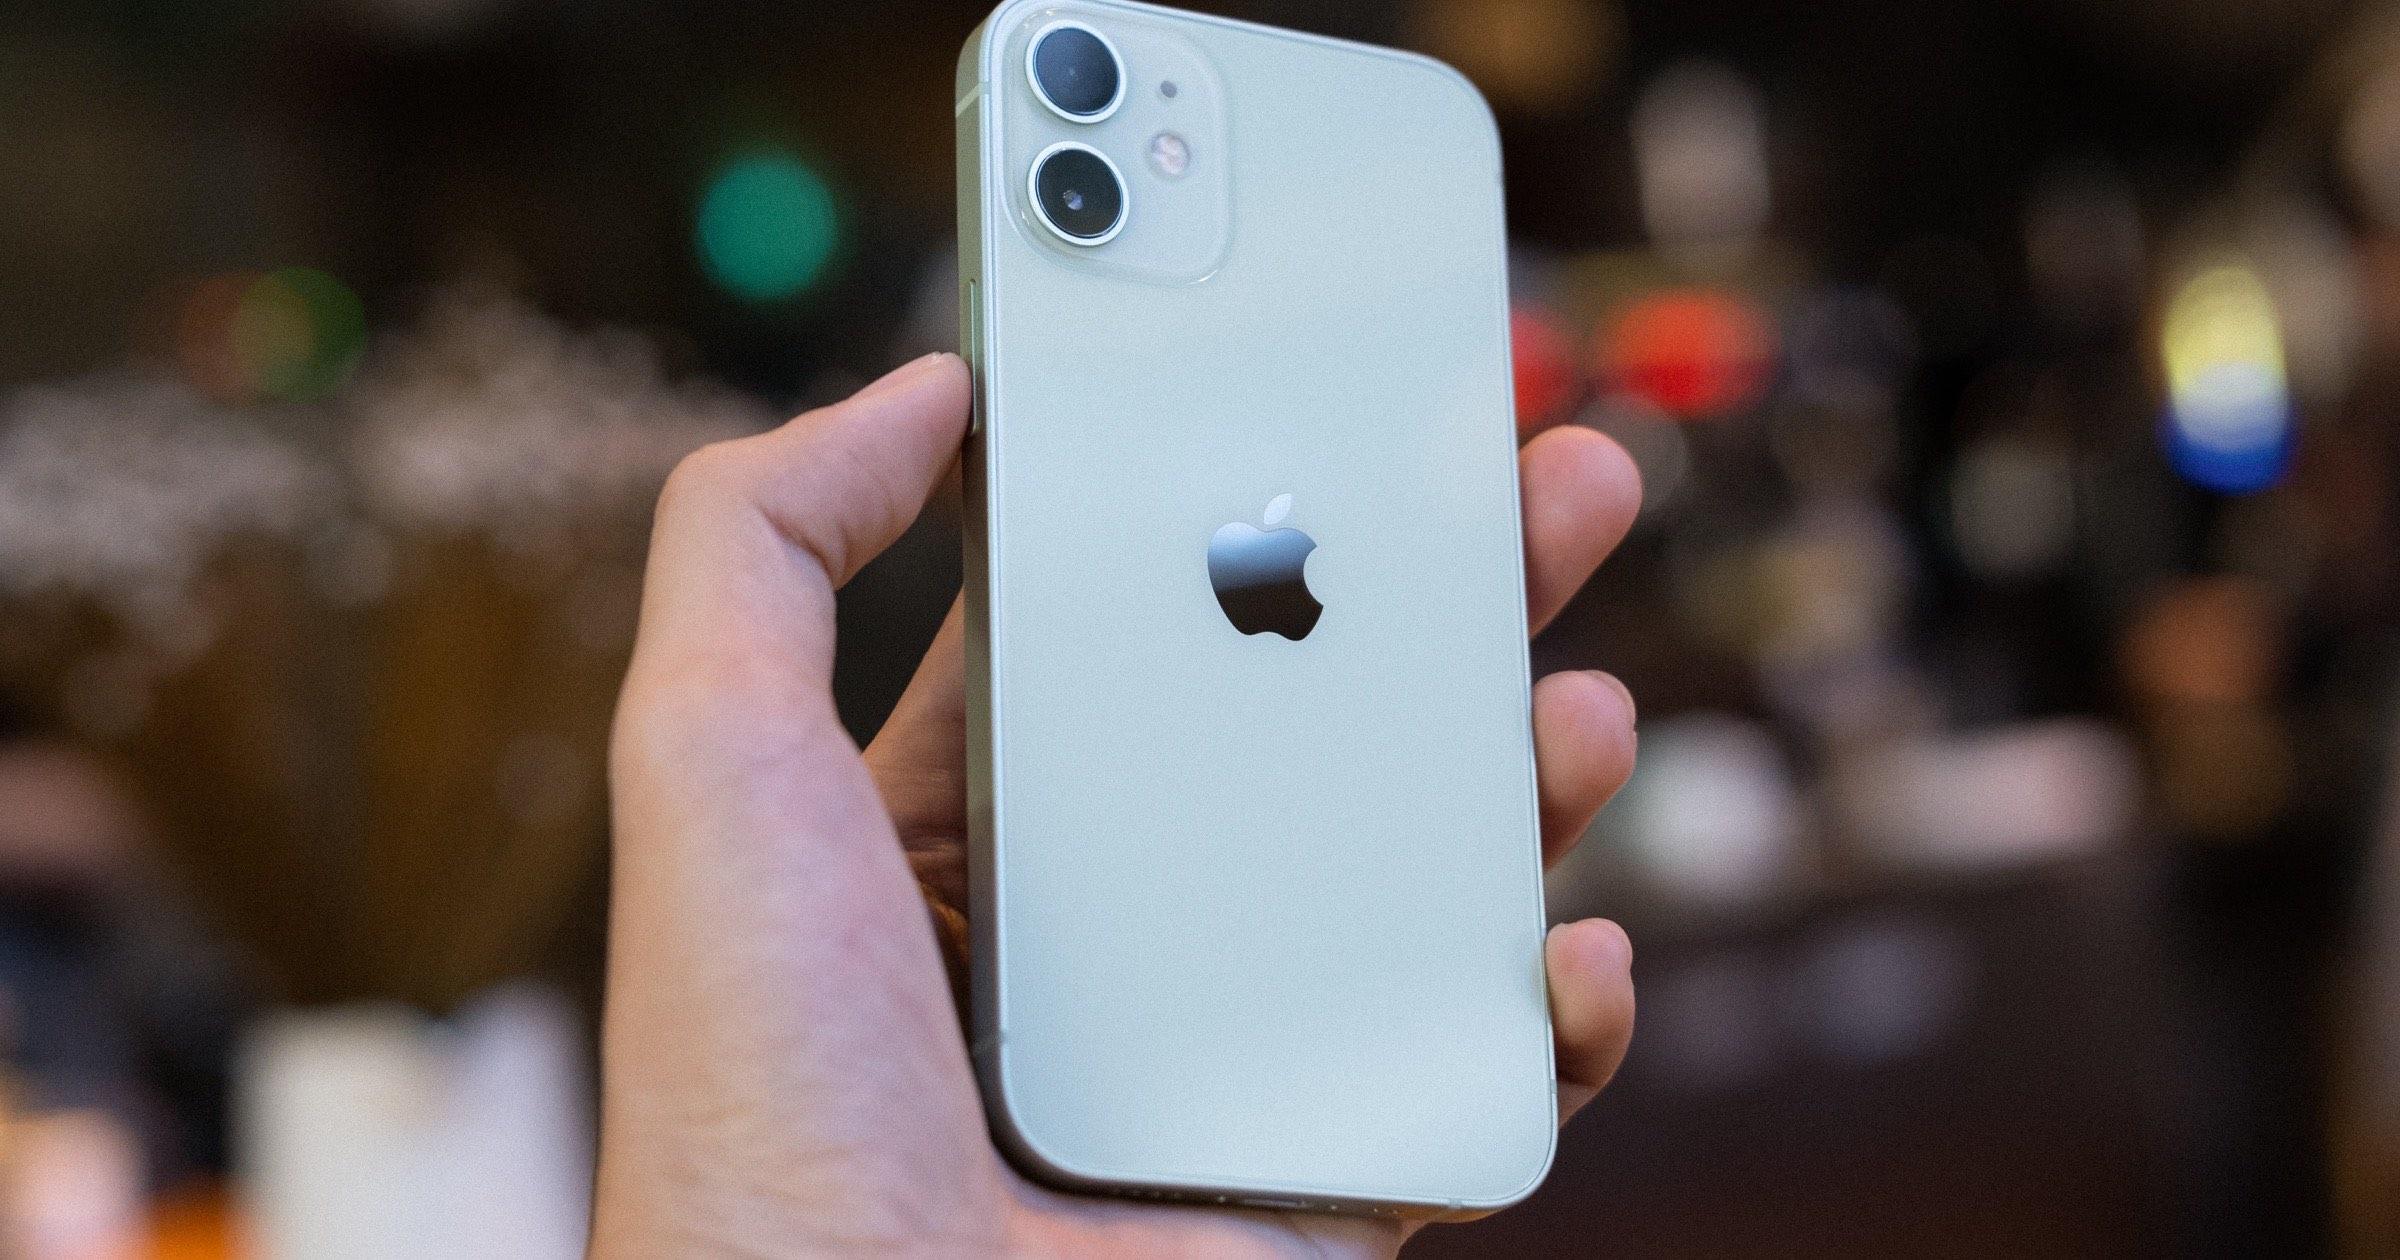 Green iPhone 12 mini